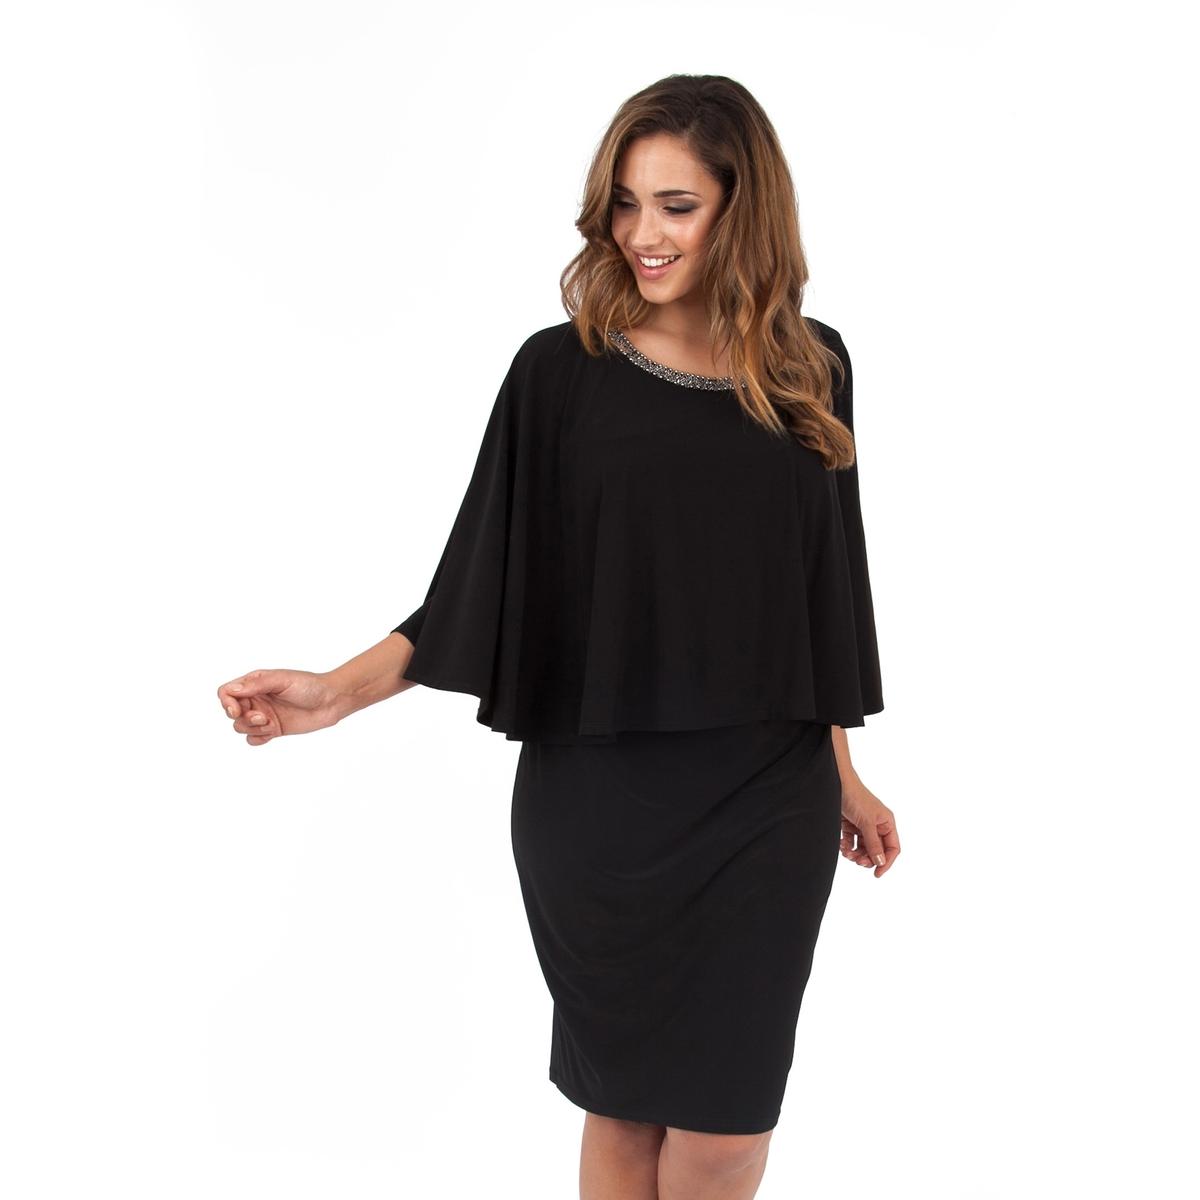 Платье 2 в 1Платье - KOKO BY KOKO. Платье 2 в 1 с декорированным бусинами вырезом. Длина ок.104 см. 100% полиэстера.<br><br>Цвет: черный<br>Размер: 54/56 (FR) - 60/62 (RUS).48 (FR) - 54 (RUS)